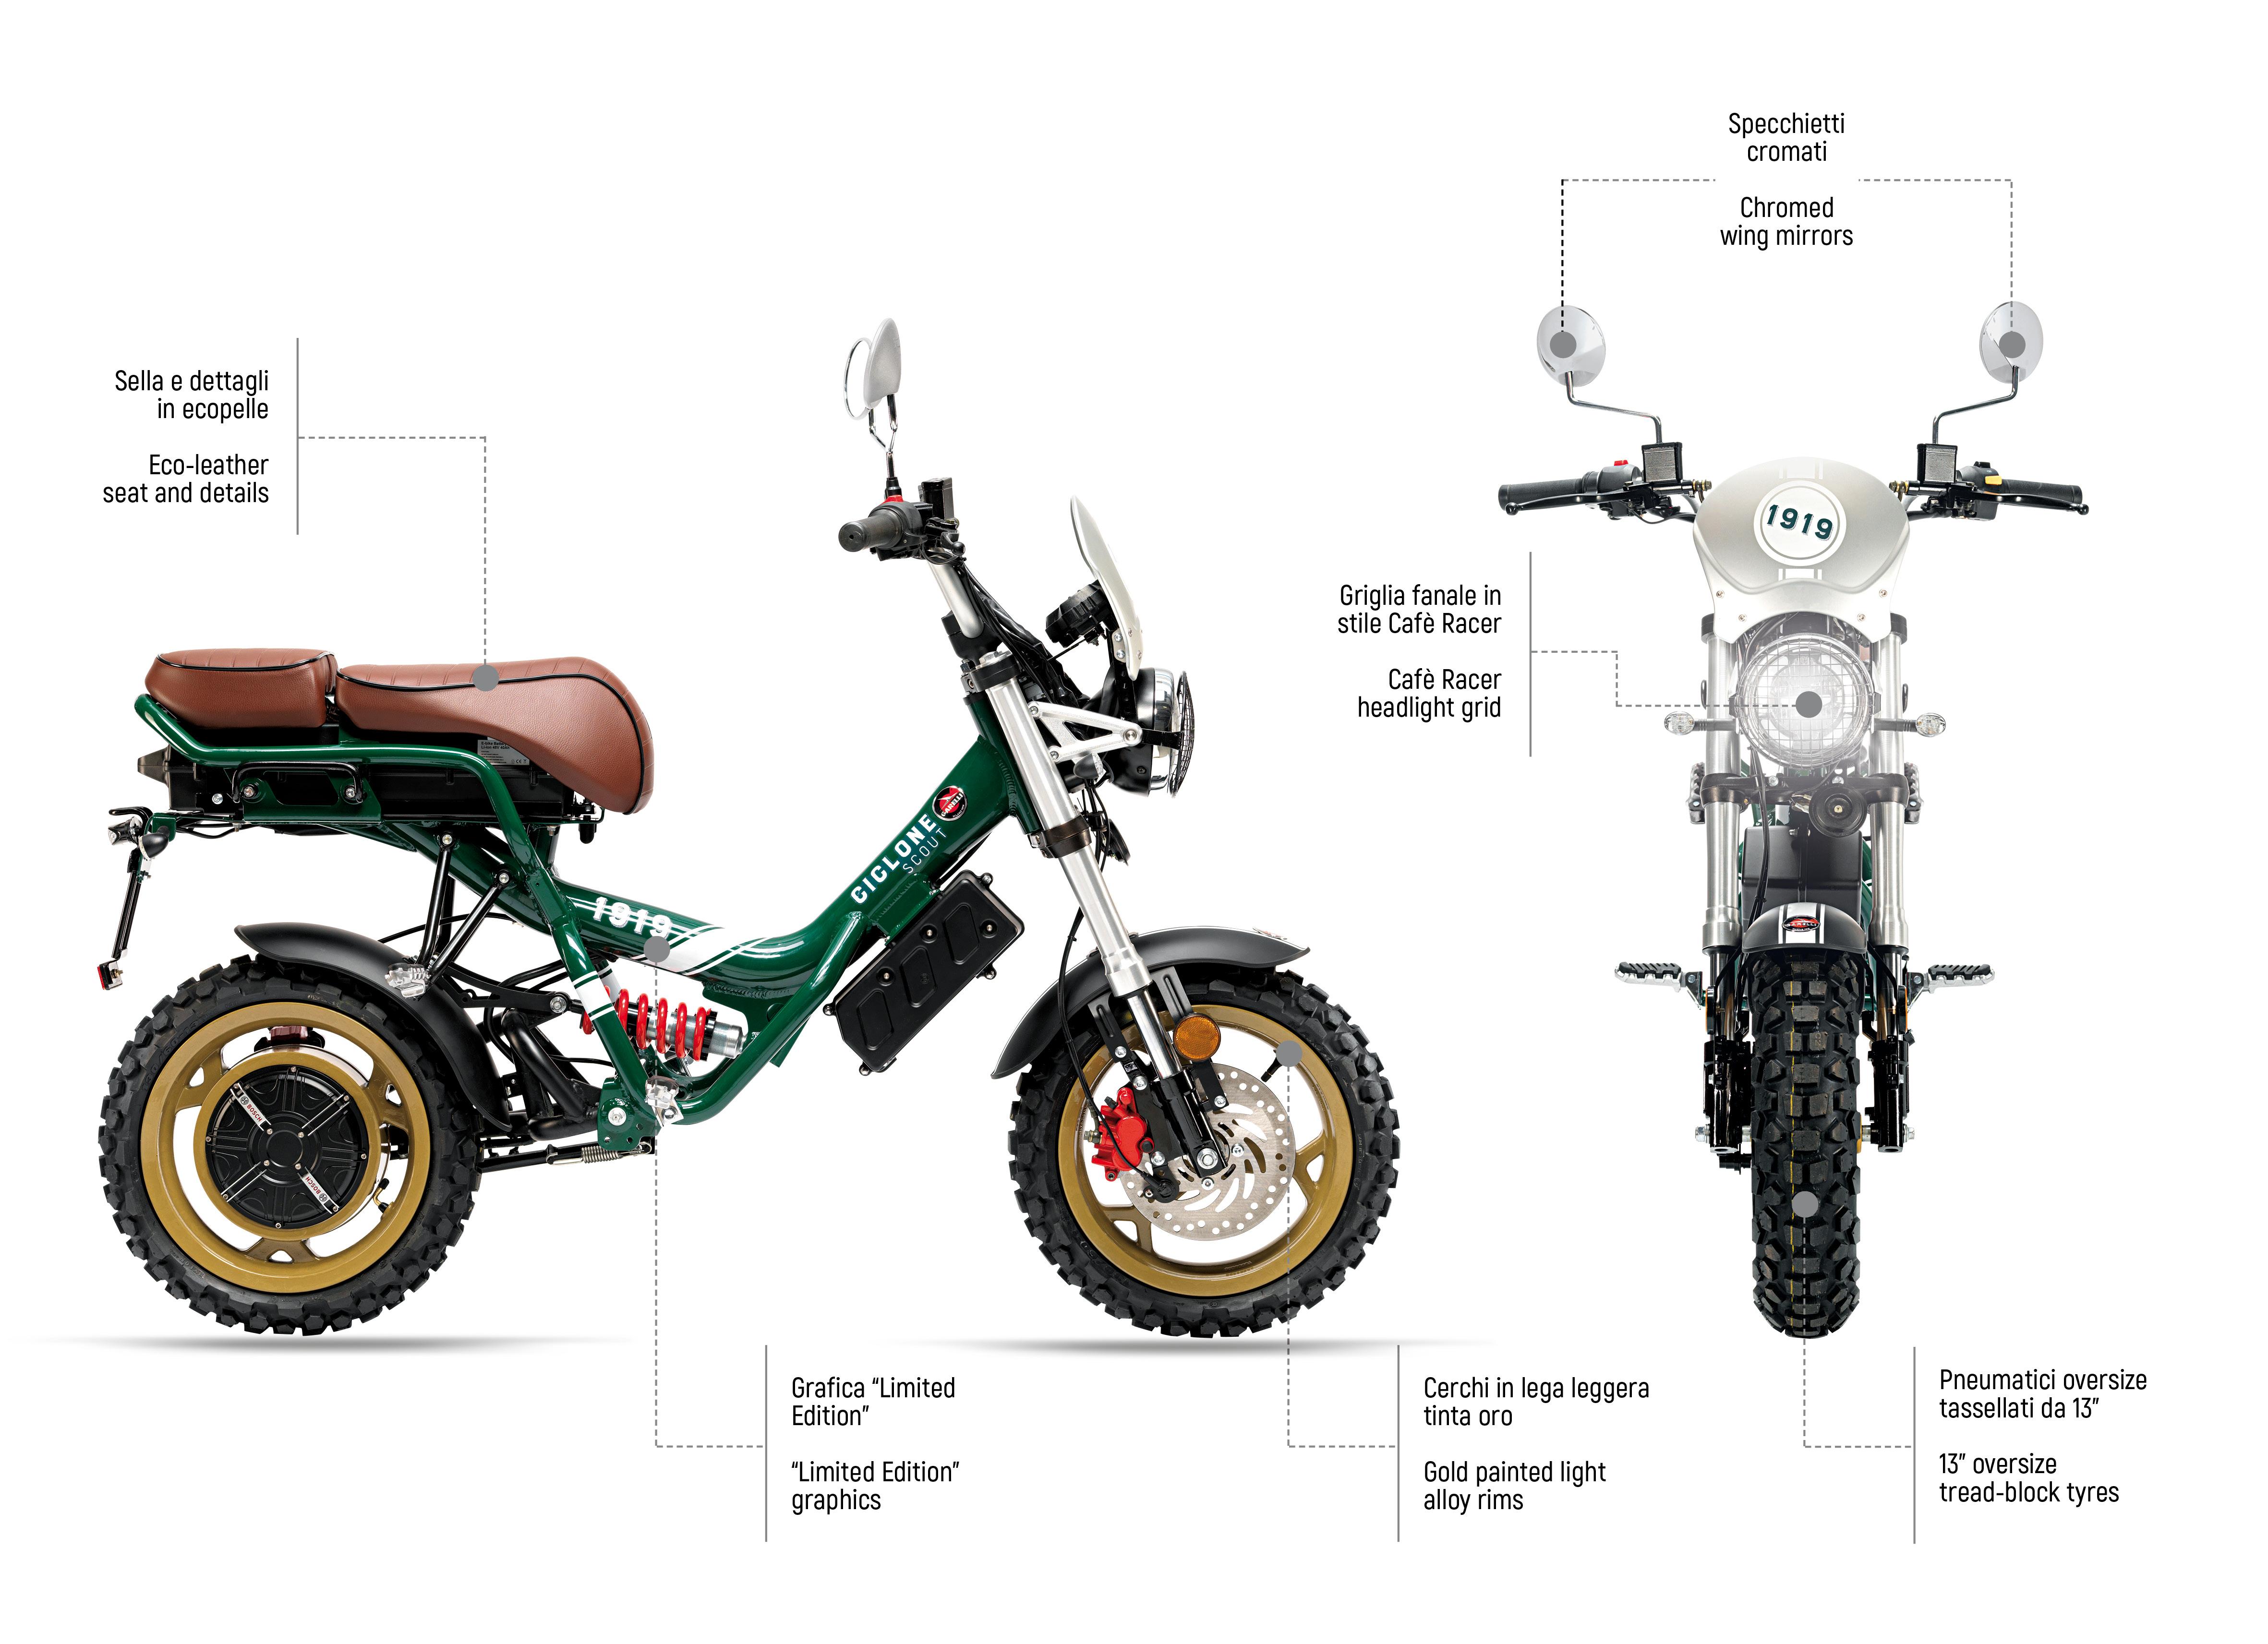 Ciclone in versione Scout, i dettagli della componentistica